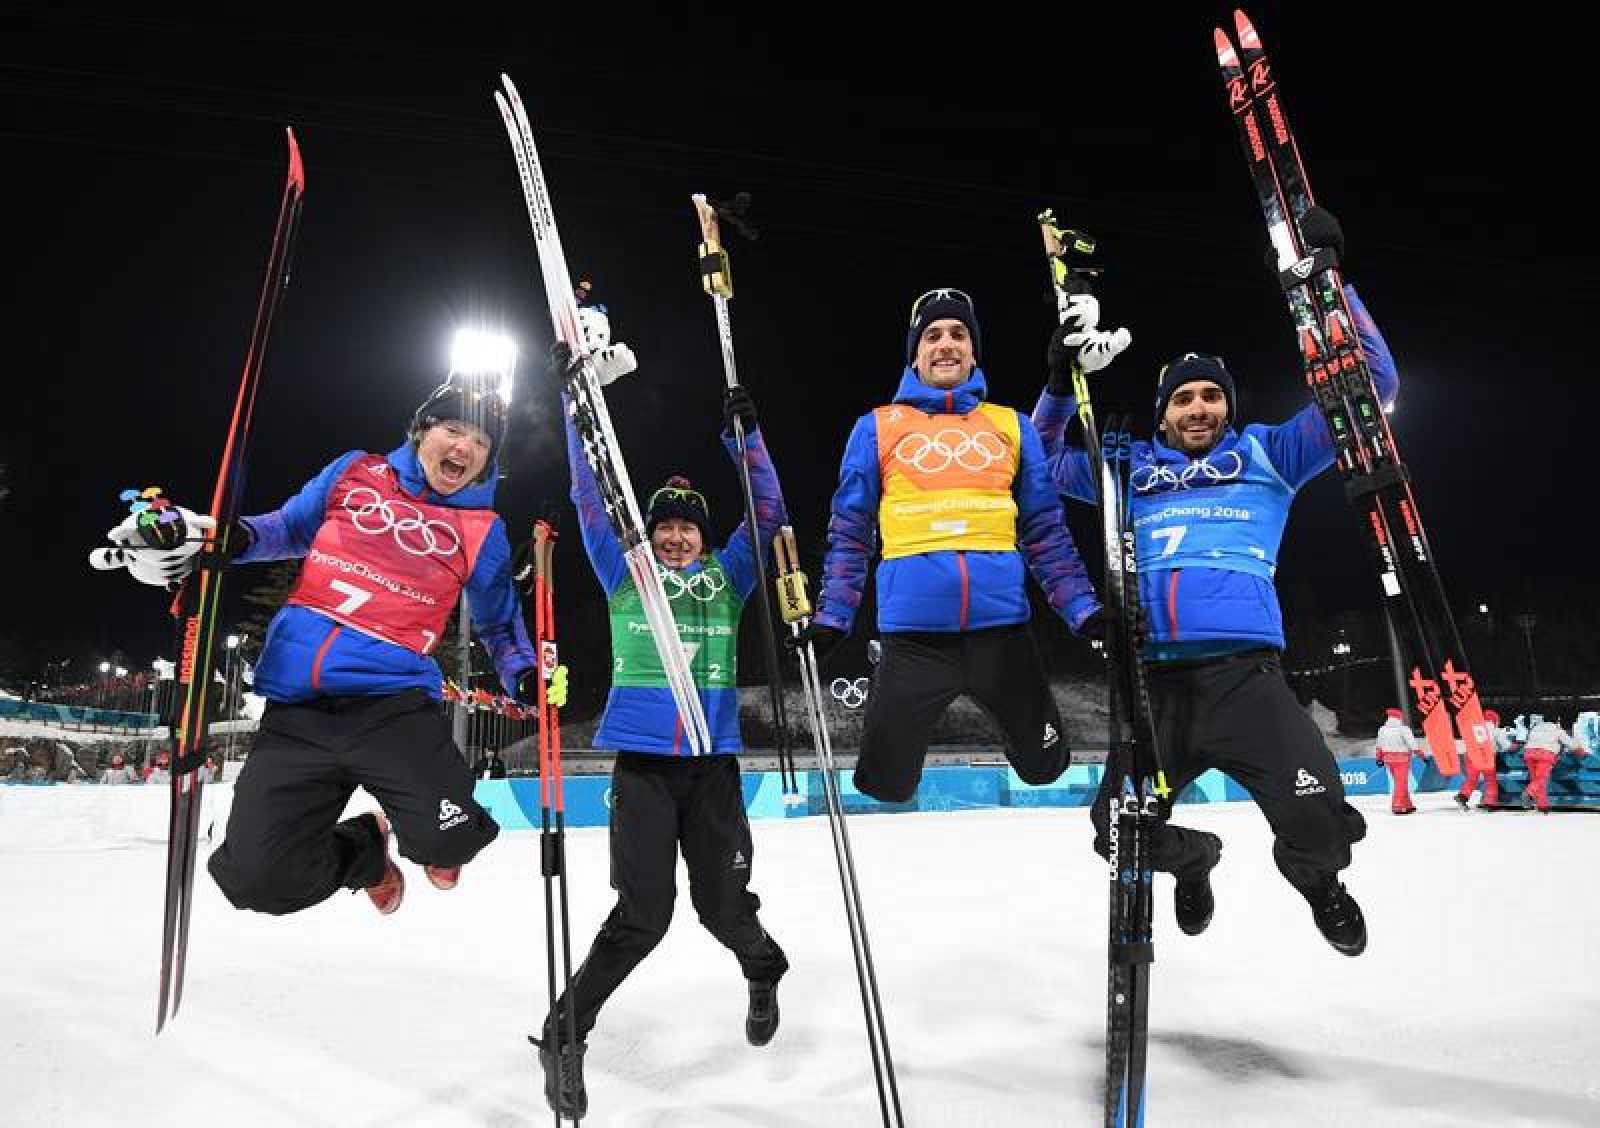 El equipo francés de biathlon celebra su triunfo.